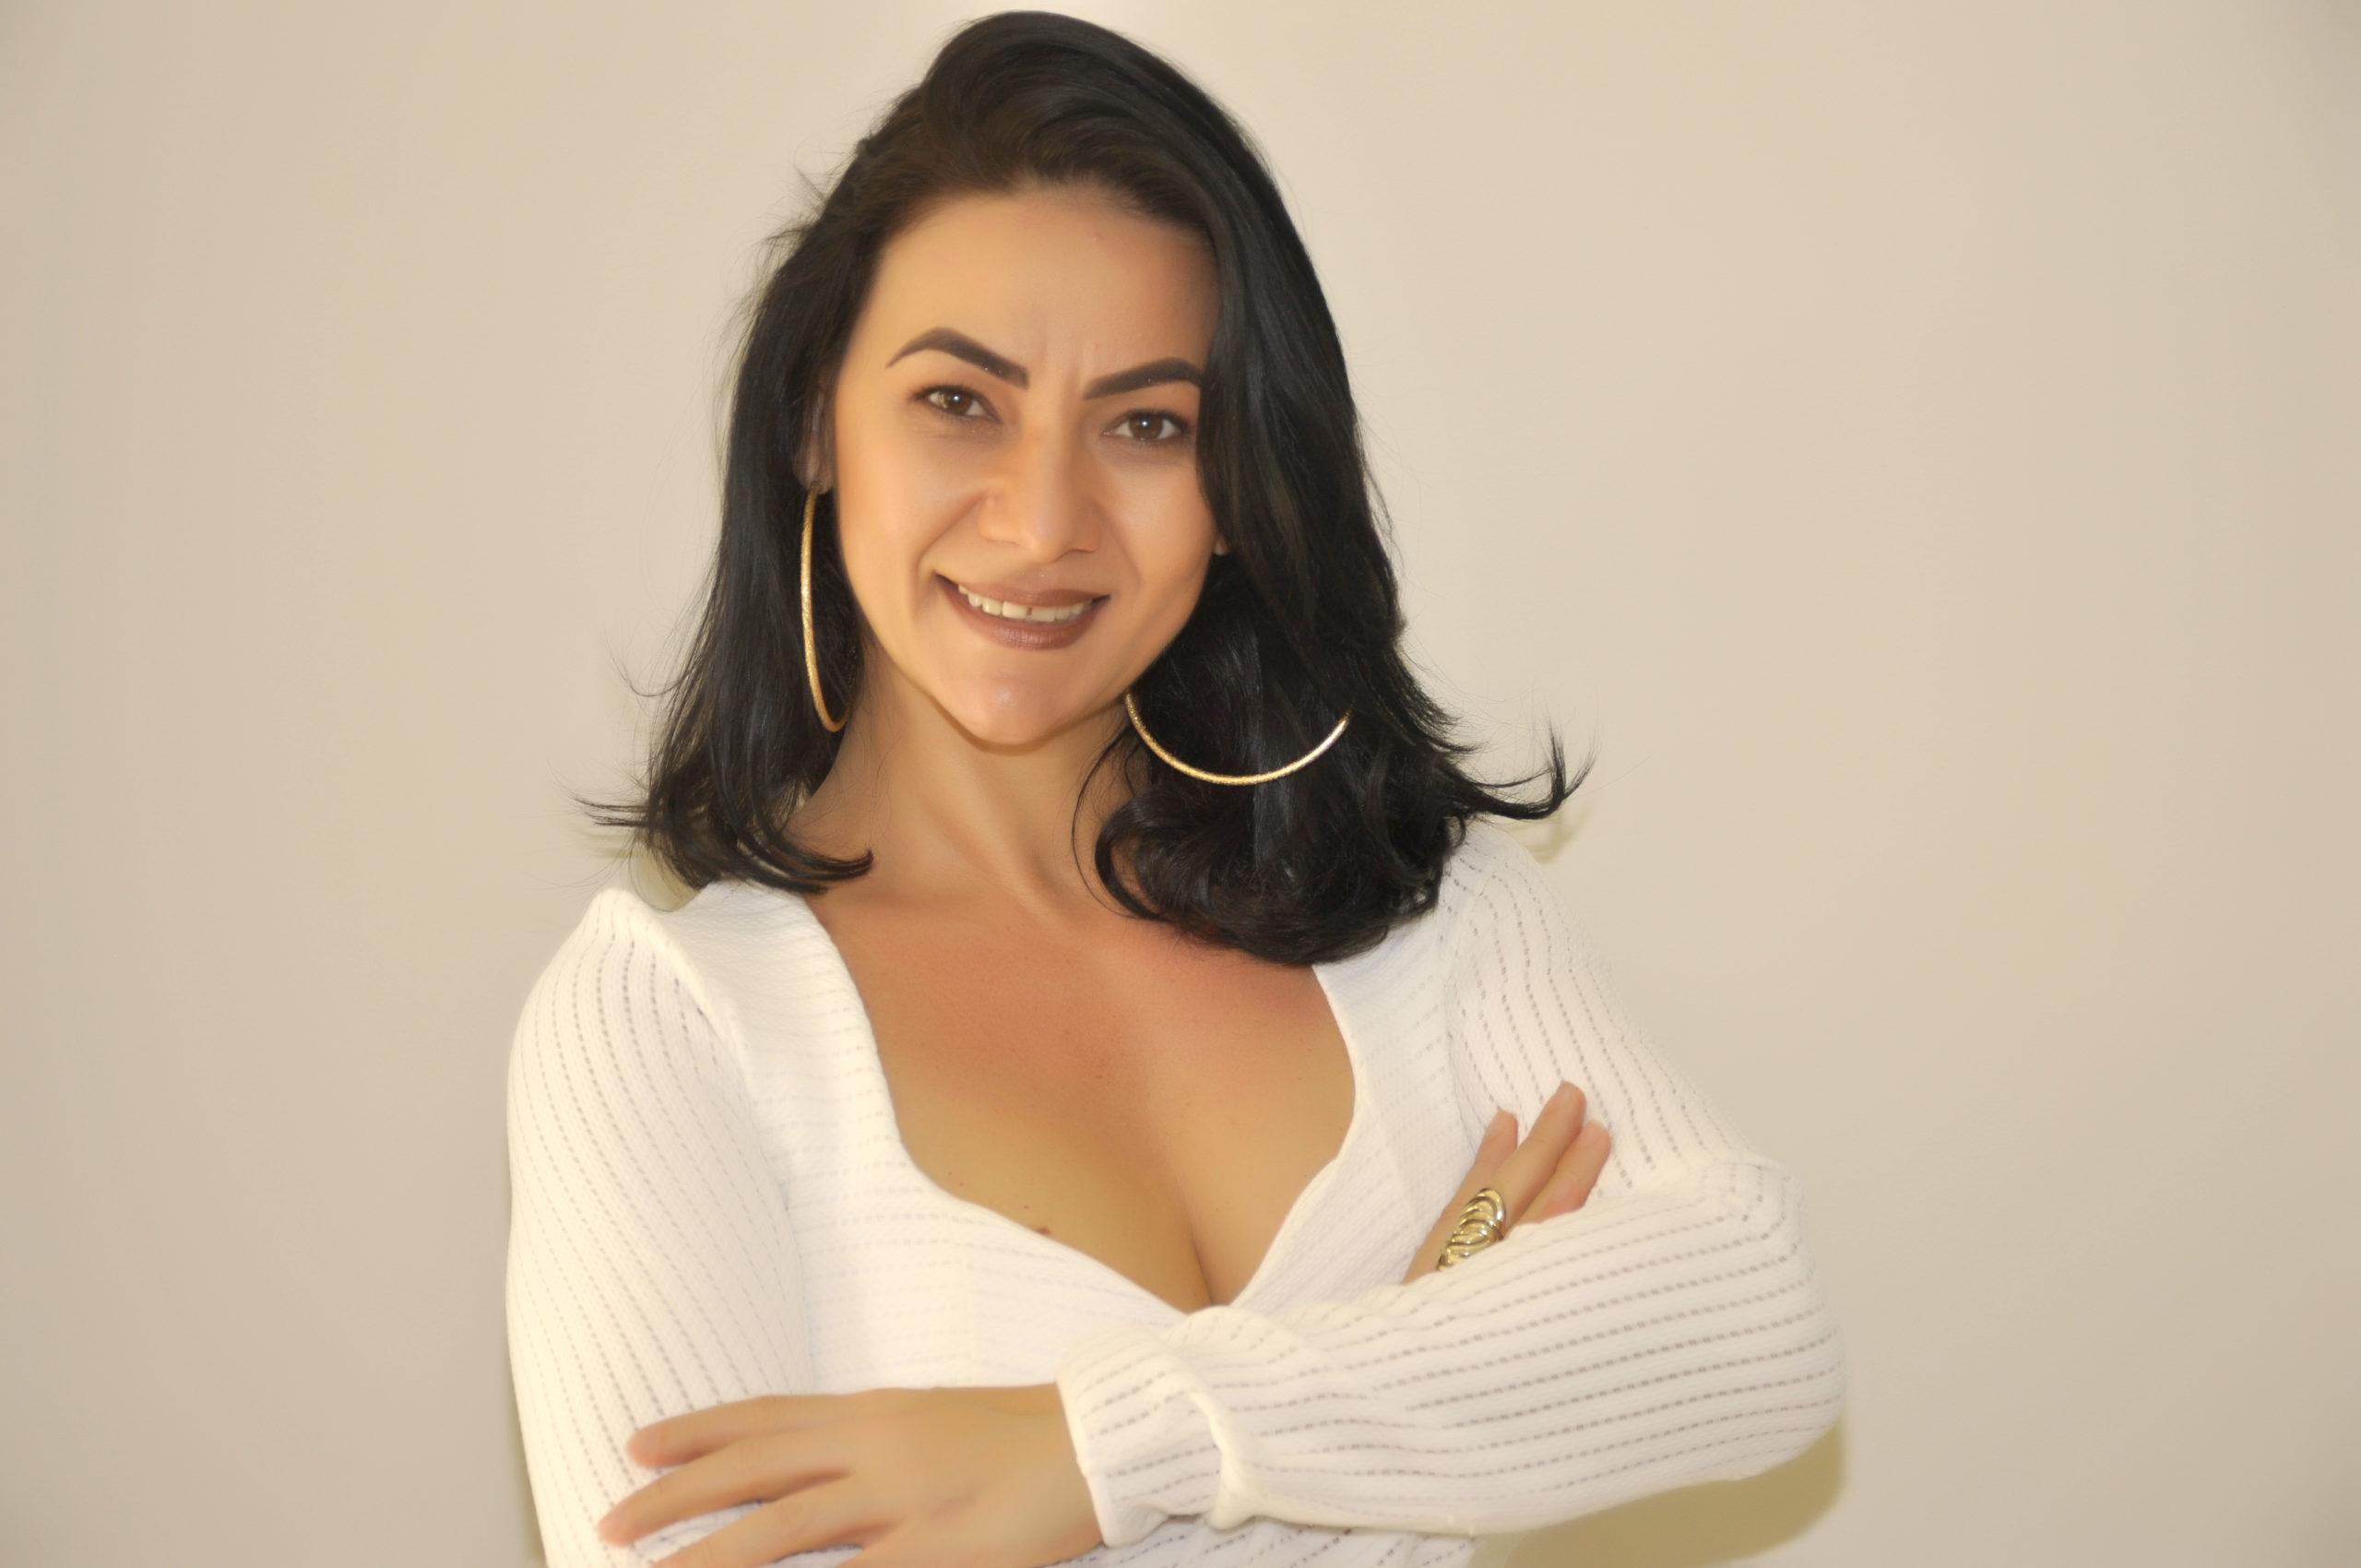 Gislene Alves de Araújo